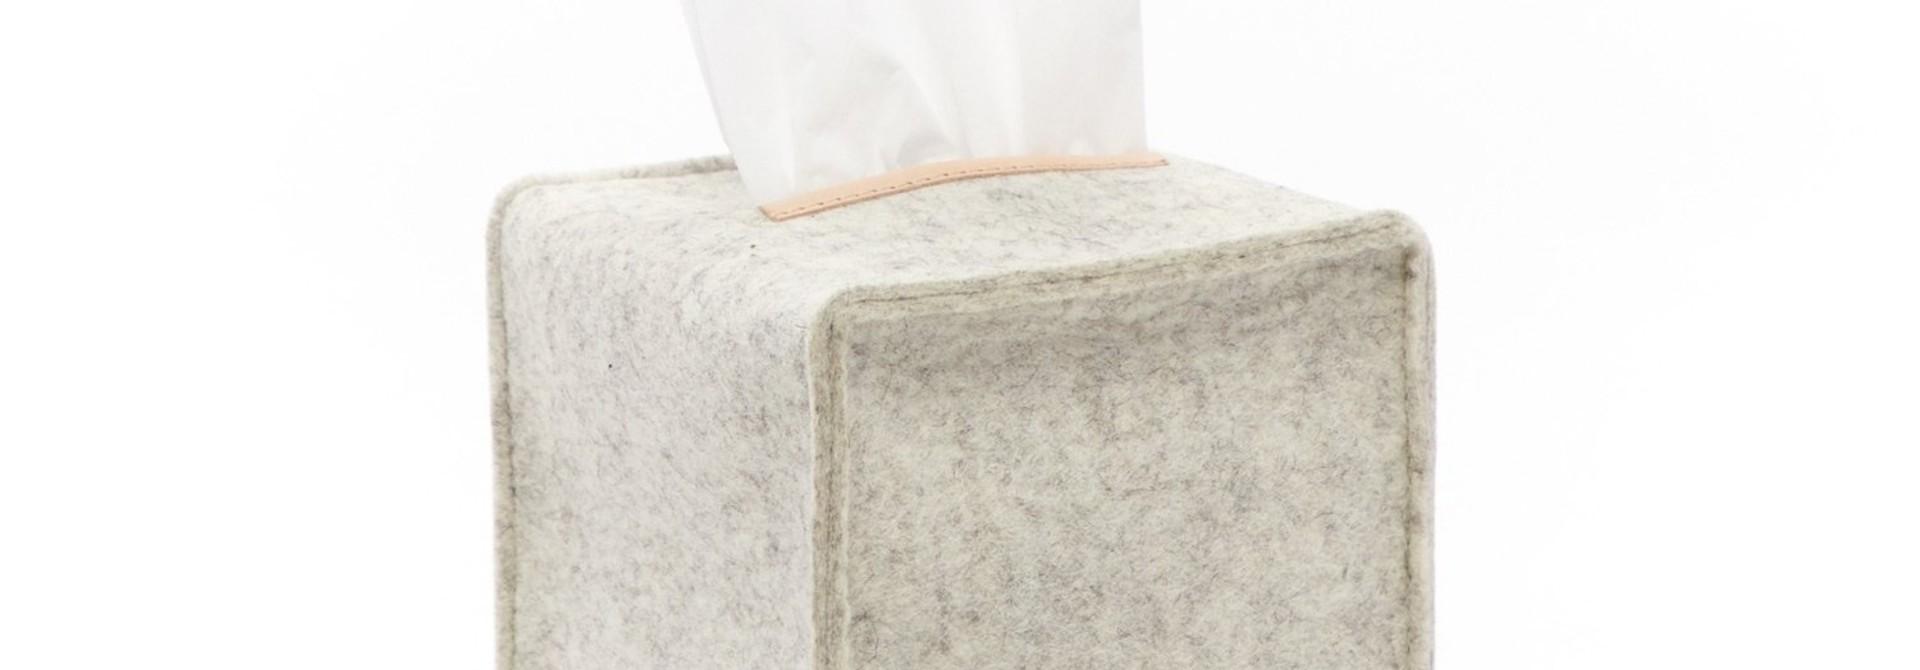 Felt Tissue Sq Box Small - Heather White